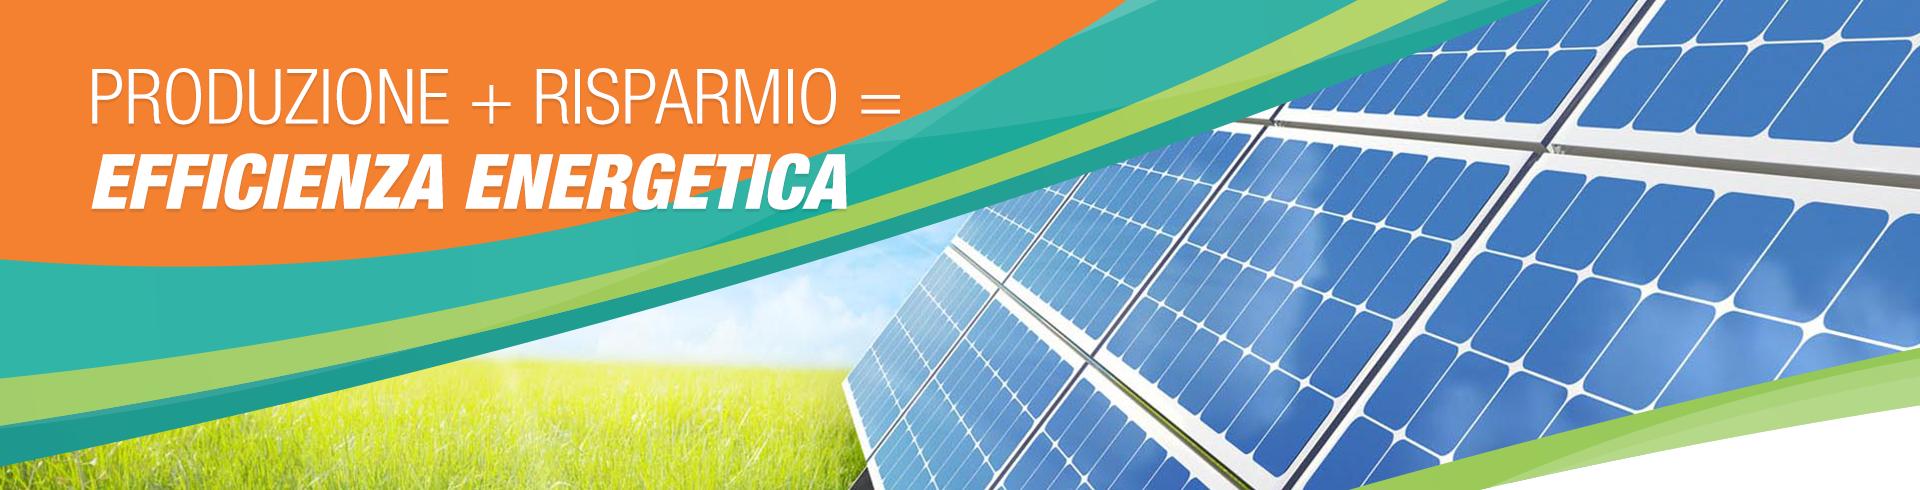 efficienza_energetica